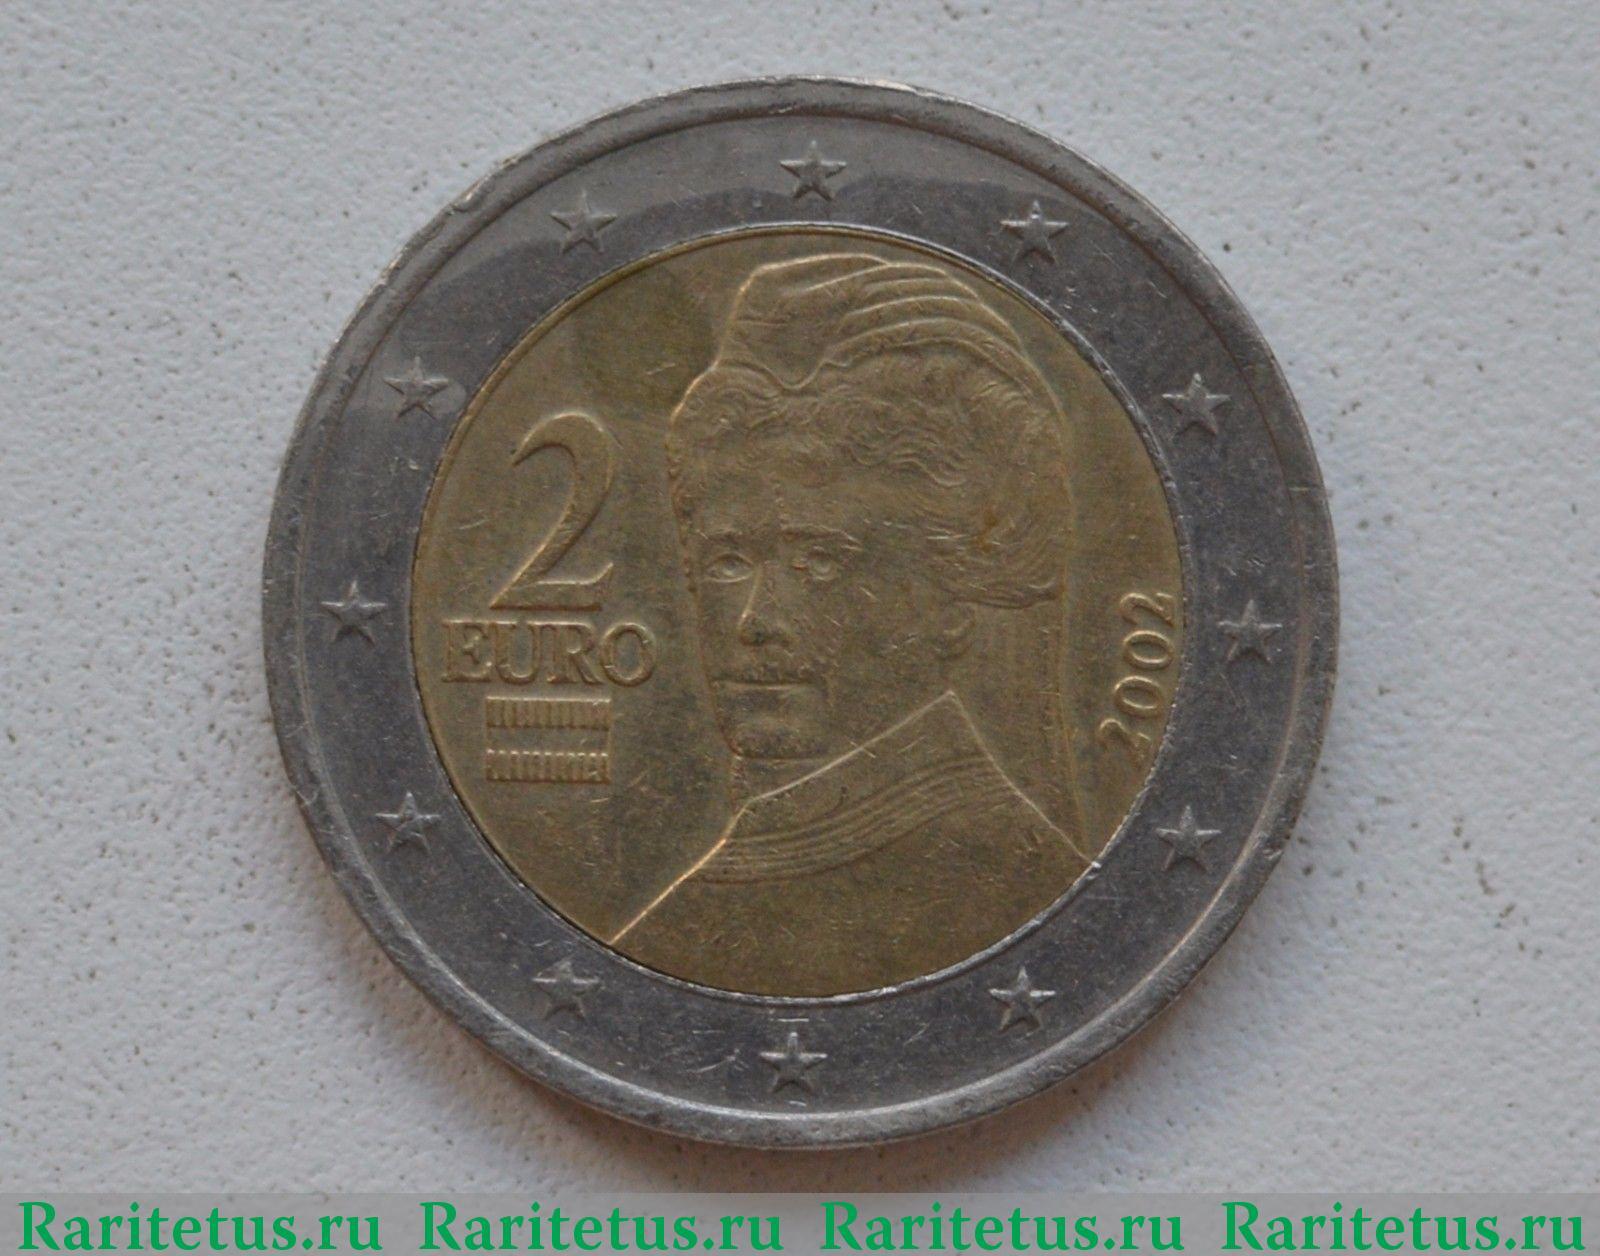 2 euro 2002 цена 10 копеек 1988 разновидности